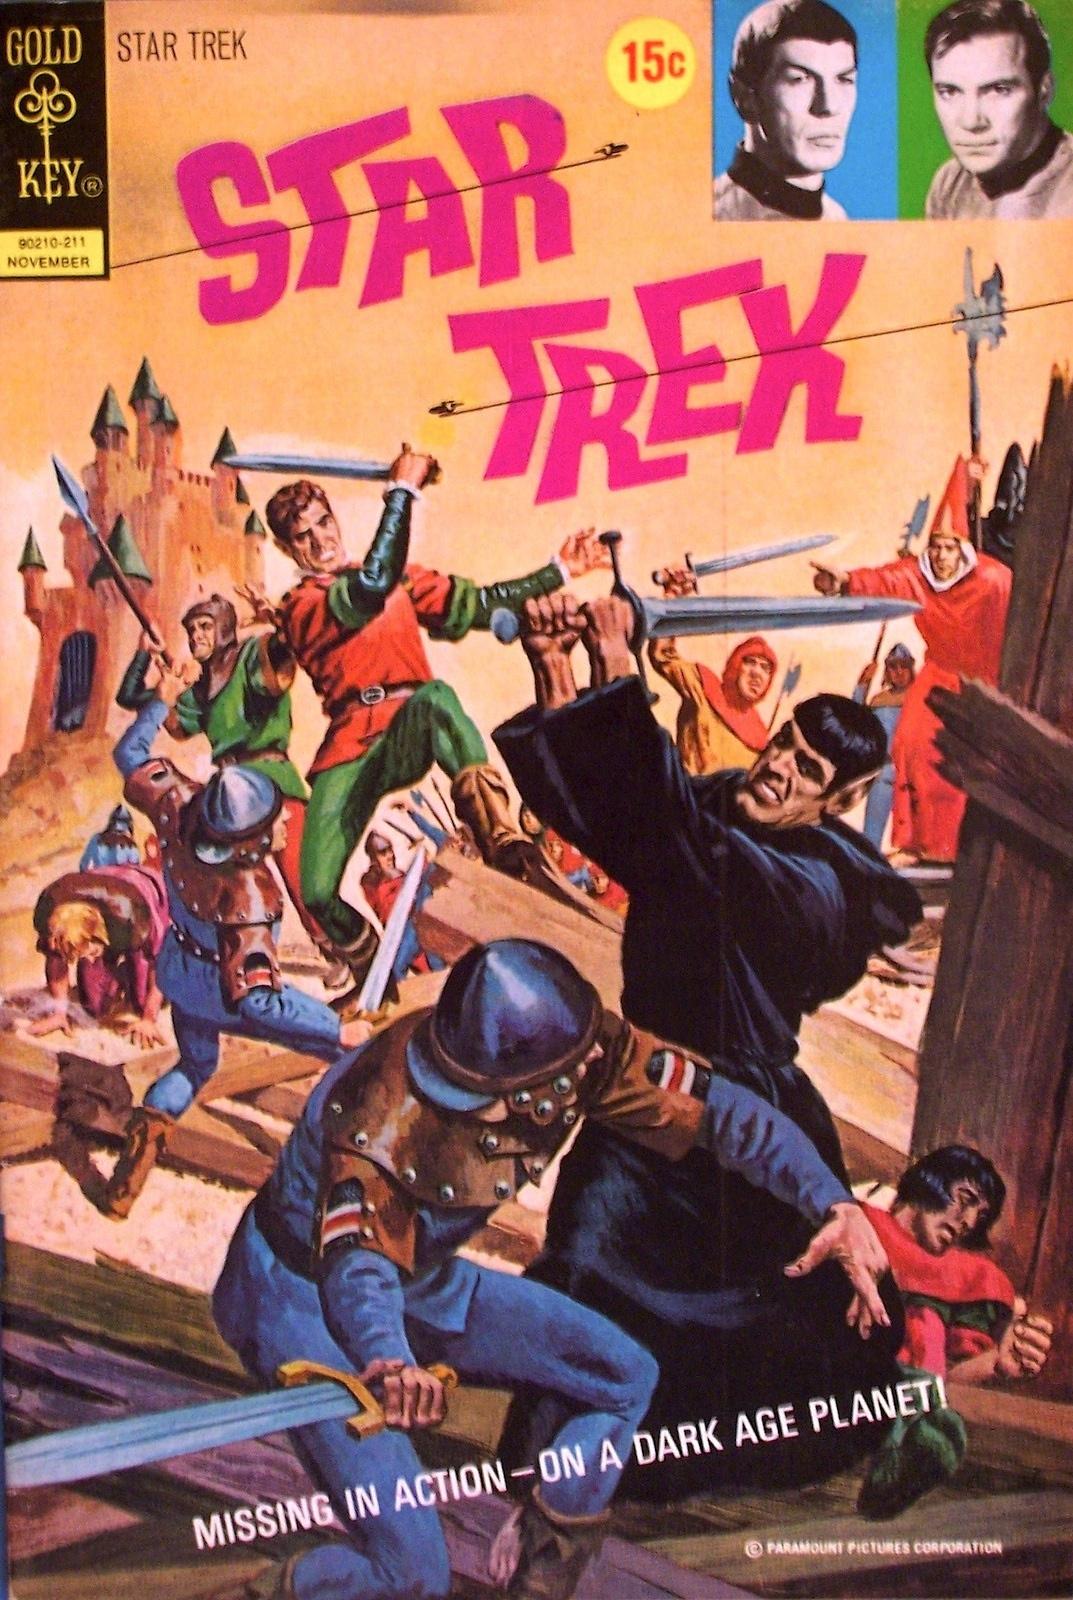 Le Star Trek que vous voulez, lâchez-vous - Page 3 Latest?cb=20181225161520